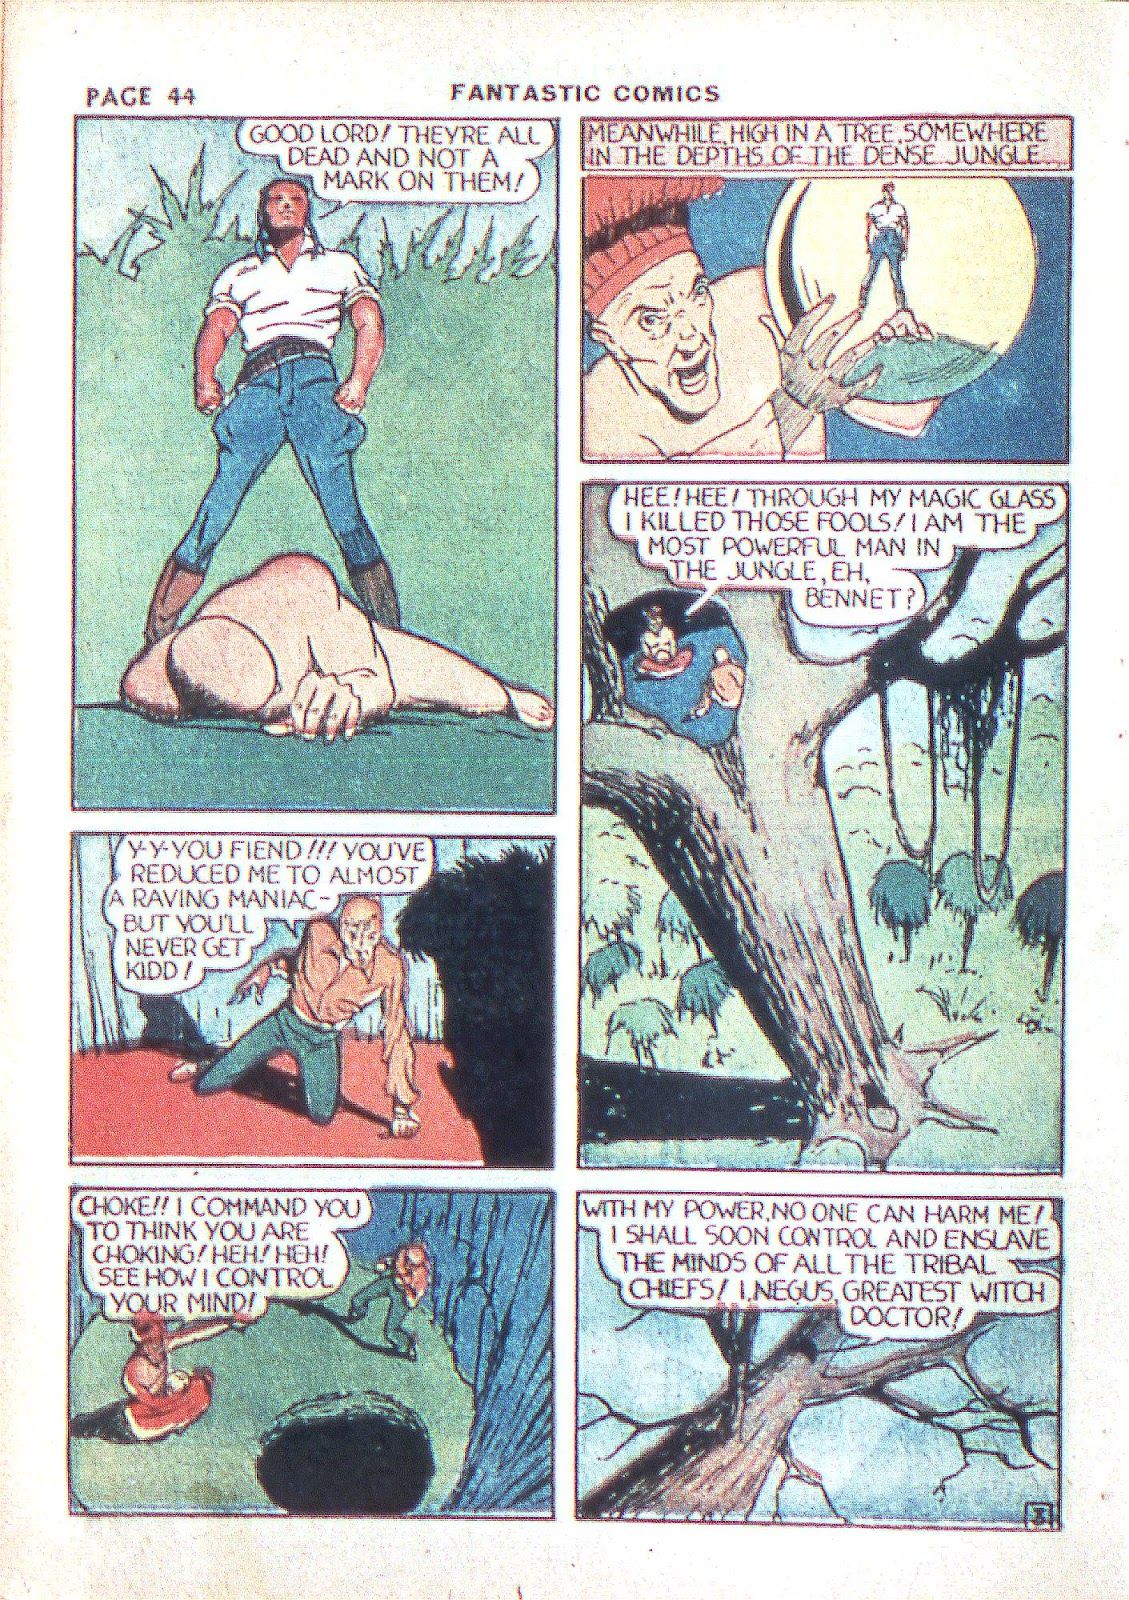 Read online Fantastic Comics comic -  Issue #3 - 46